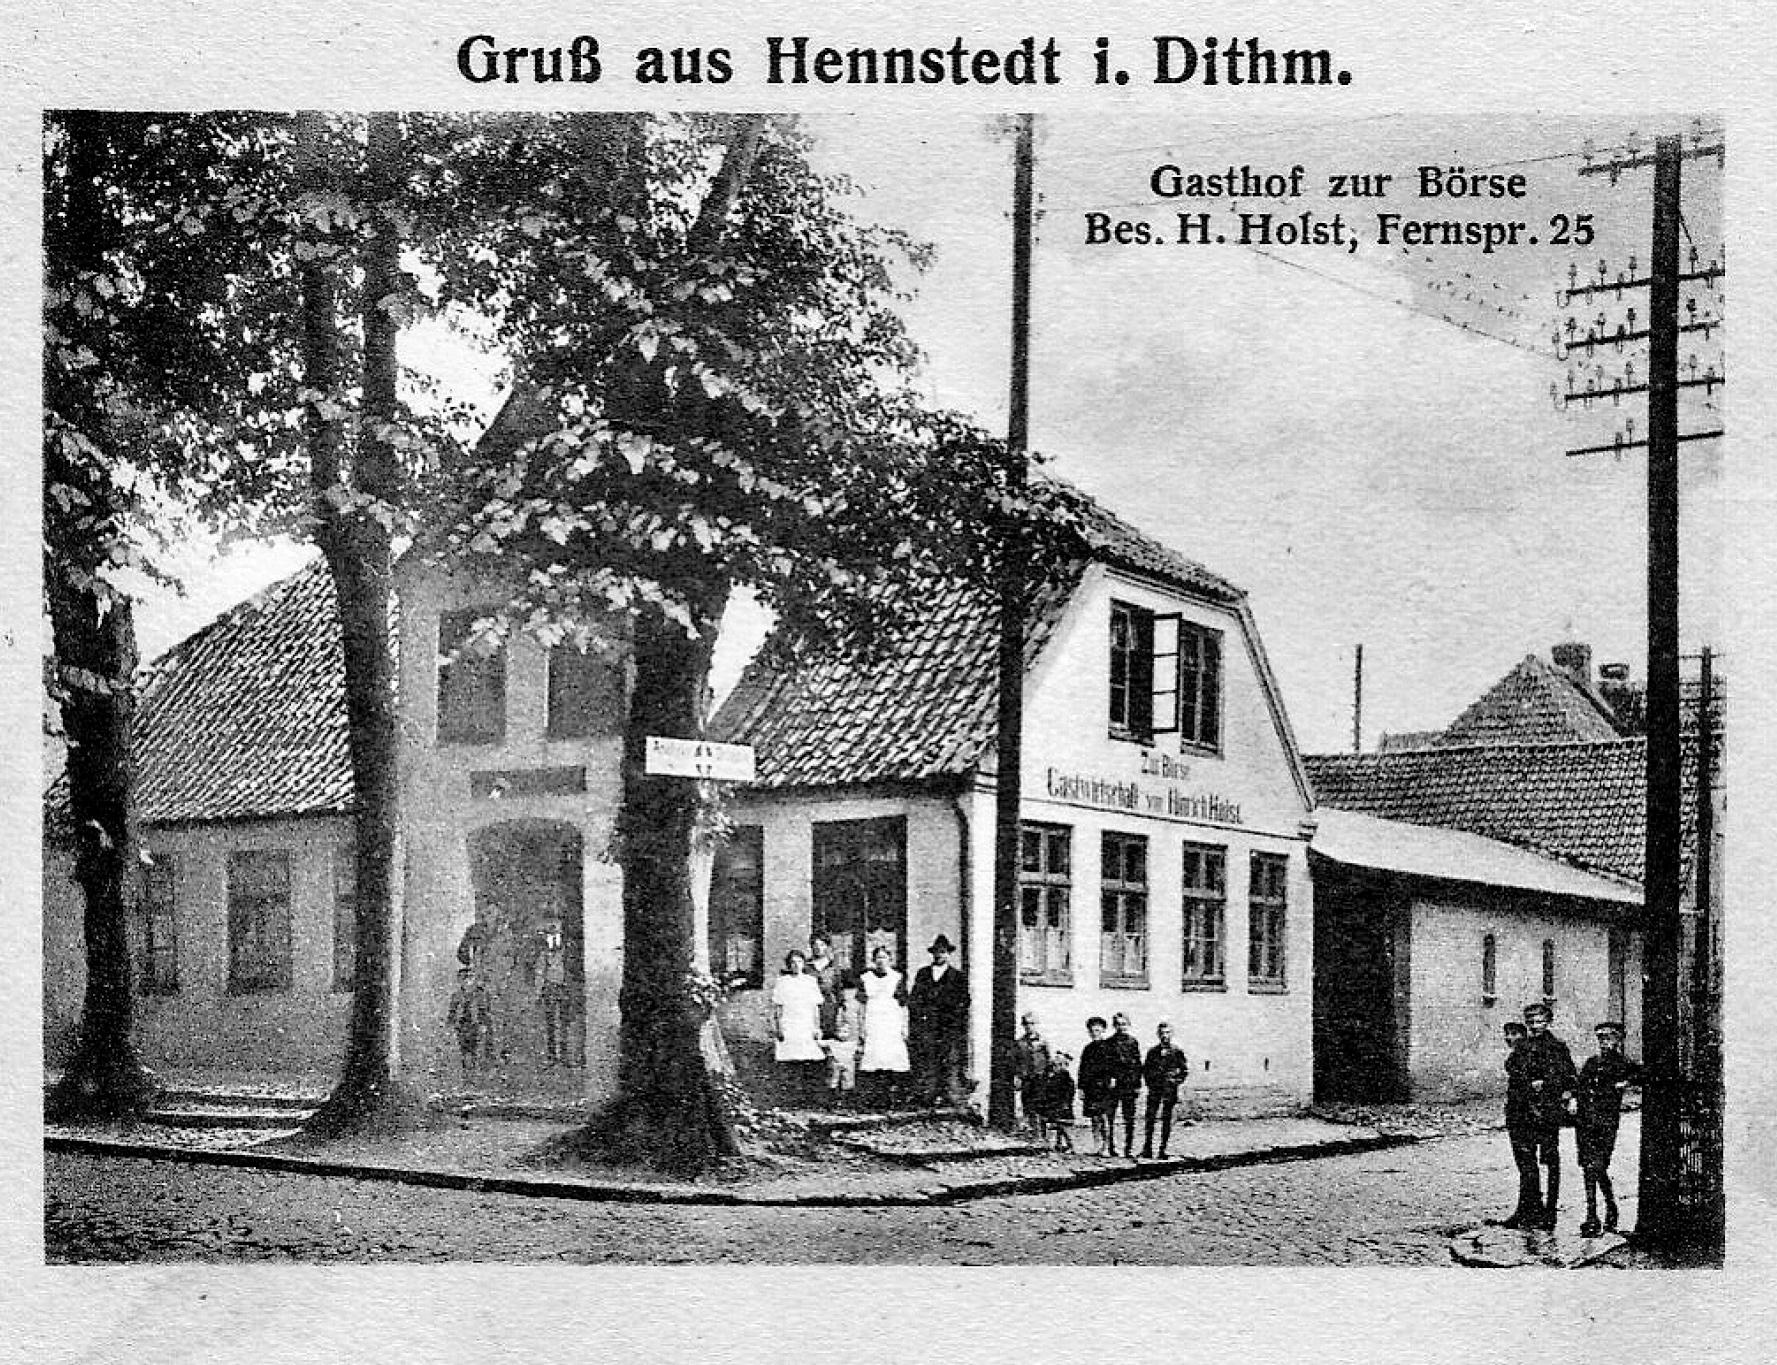 dorf_bilder/Chronik-Hennstedt-221.jpg